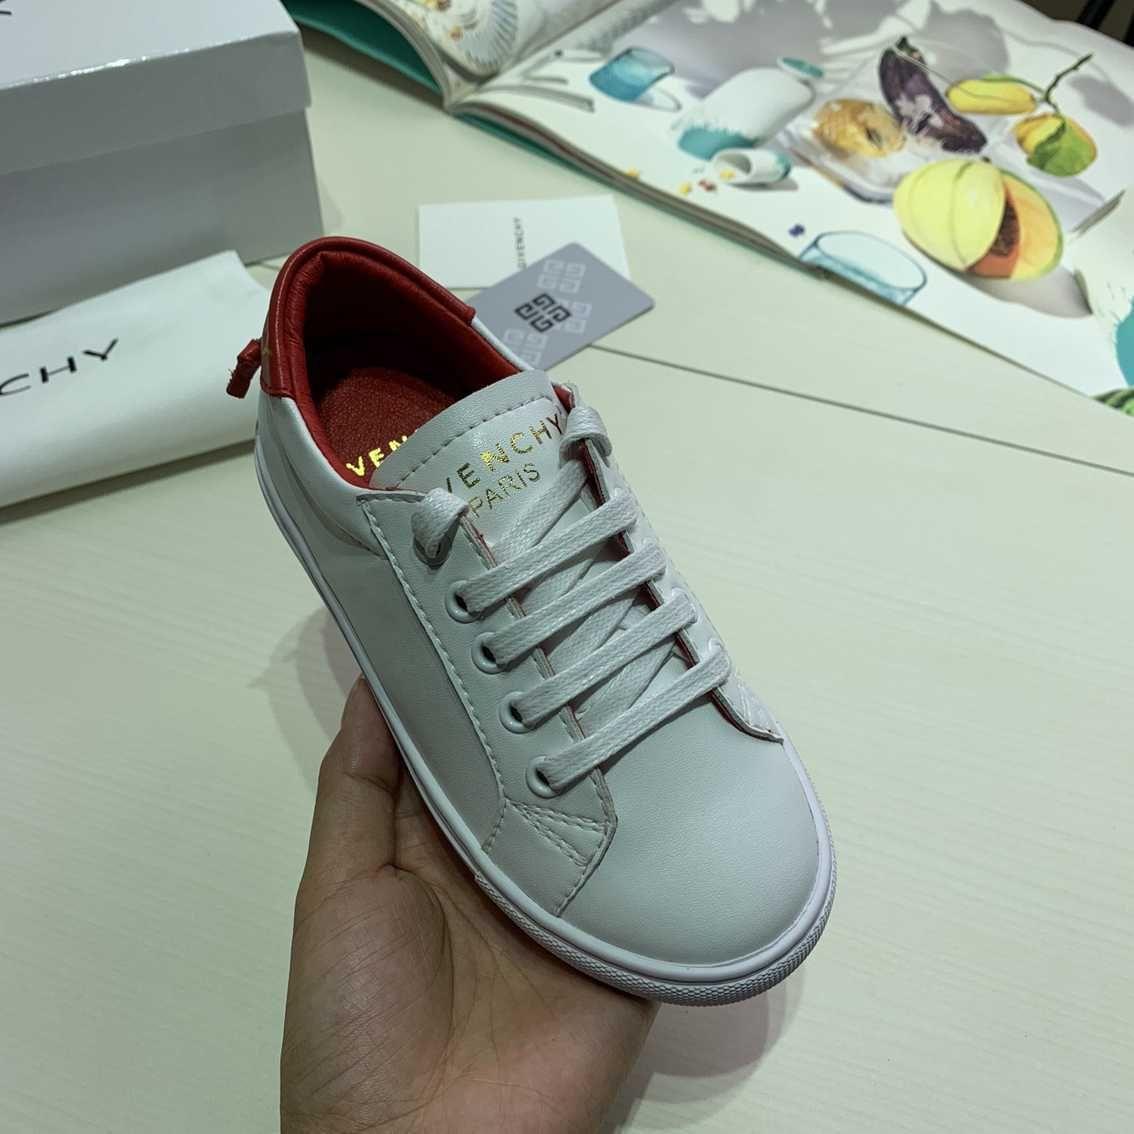 Nuevo diseñador de moda Zapatos casuales de lujo Zapatos coreanos para niños, zapatos deportivos recreativos para niños y niñas, suelas de goma kid_dress